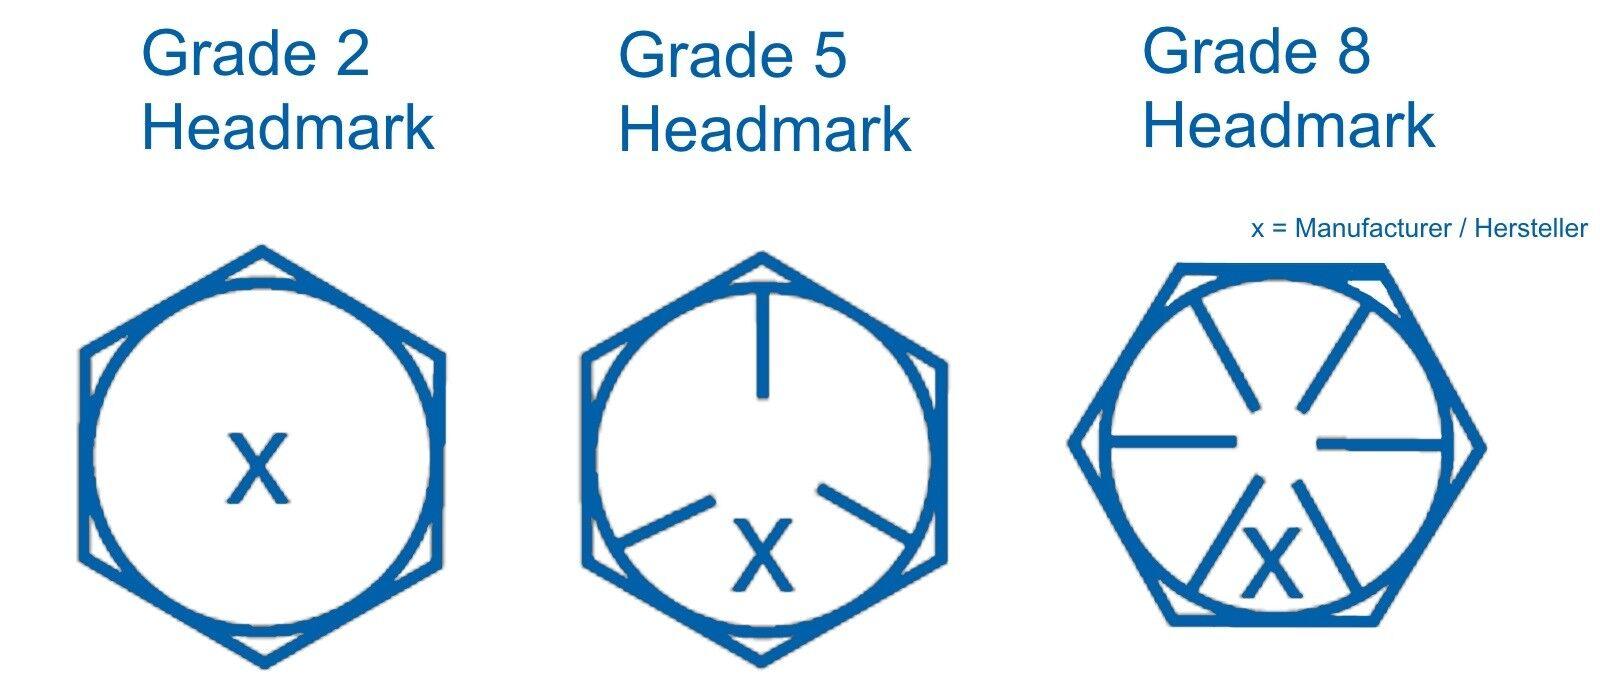 Boulon à Tête Hexagonale 7/16-14 UNC x x x 4 Grade 5 Acier Galvanisé-HEX Head Cap Screw (pt) fdf2ea